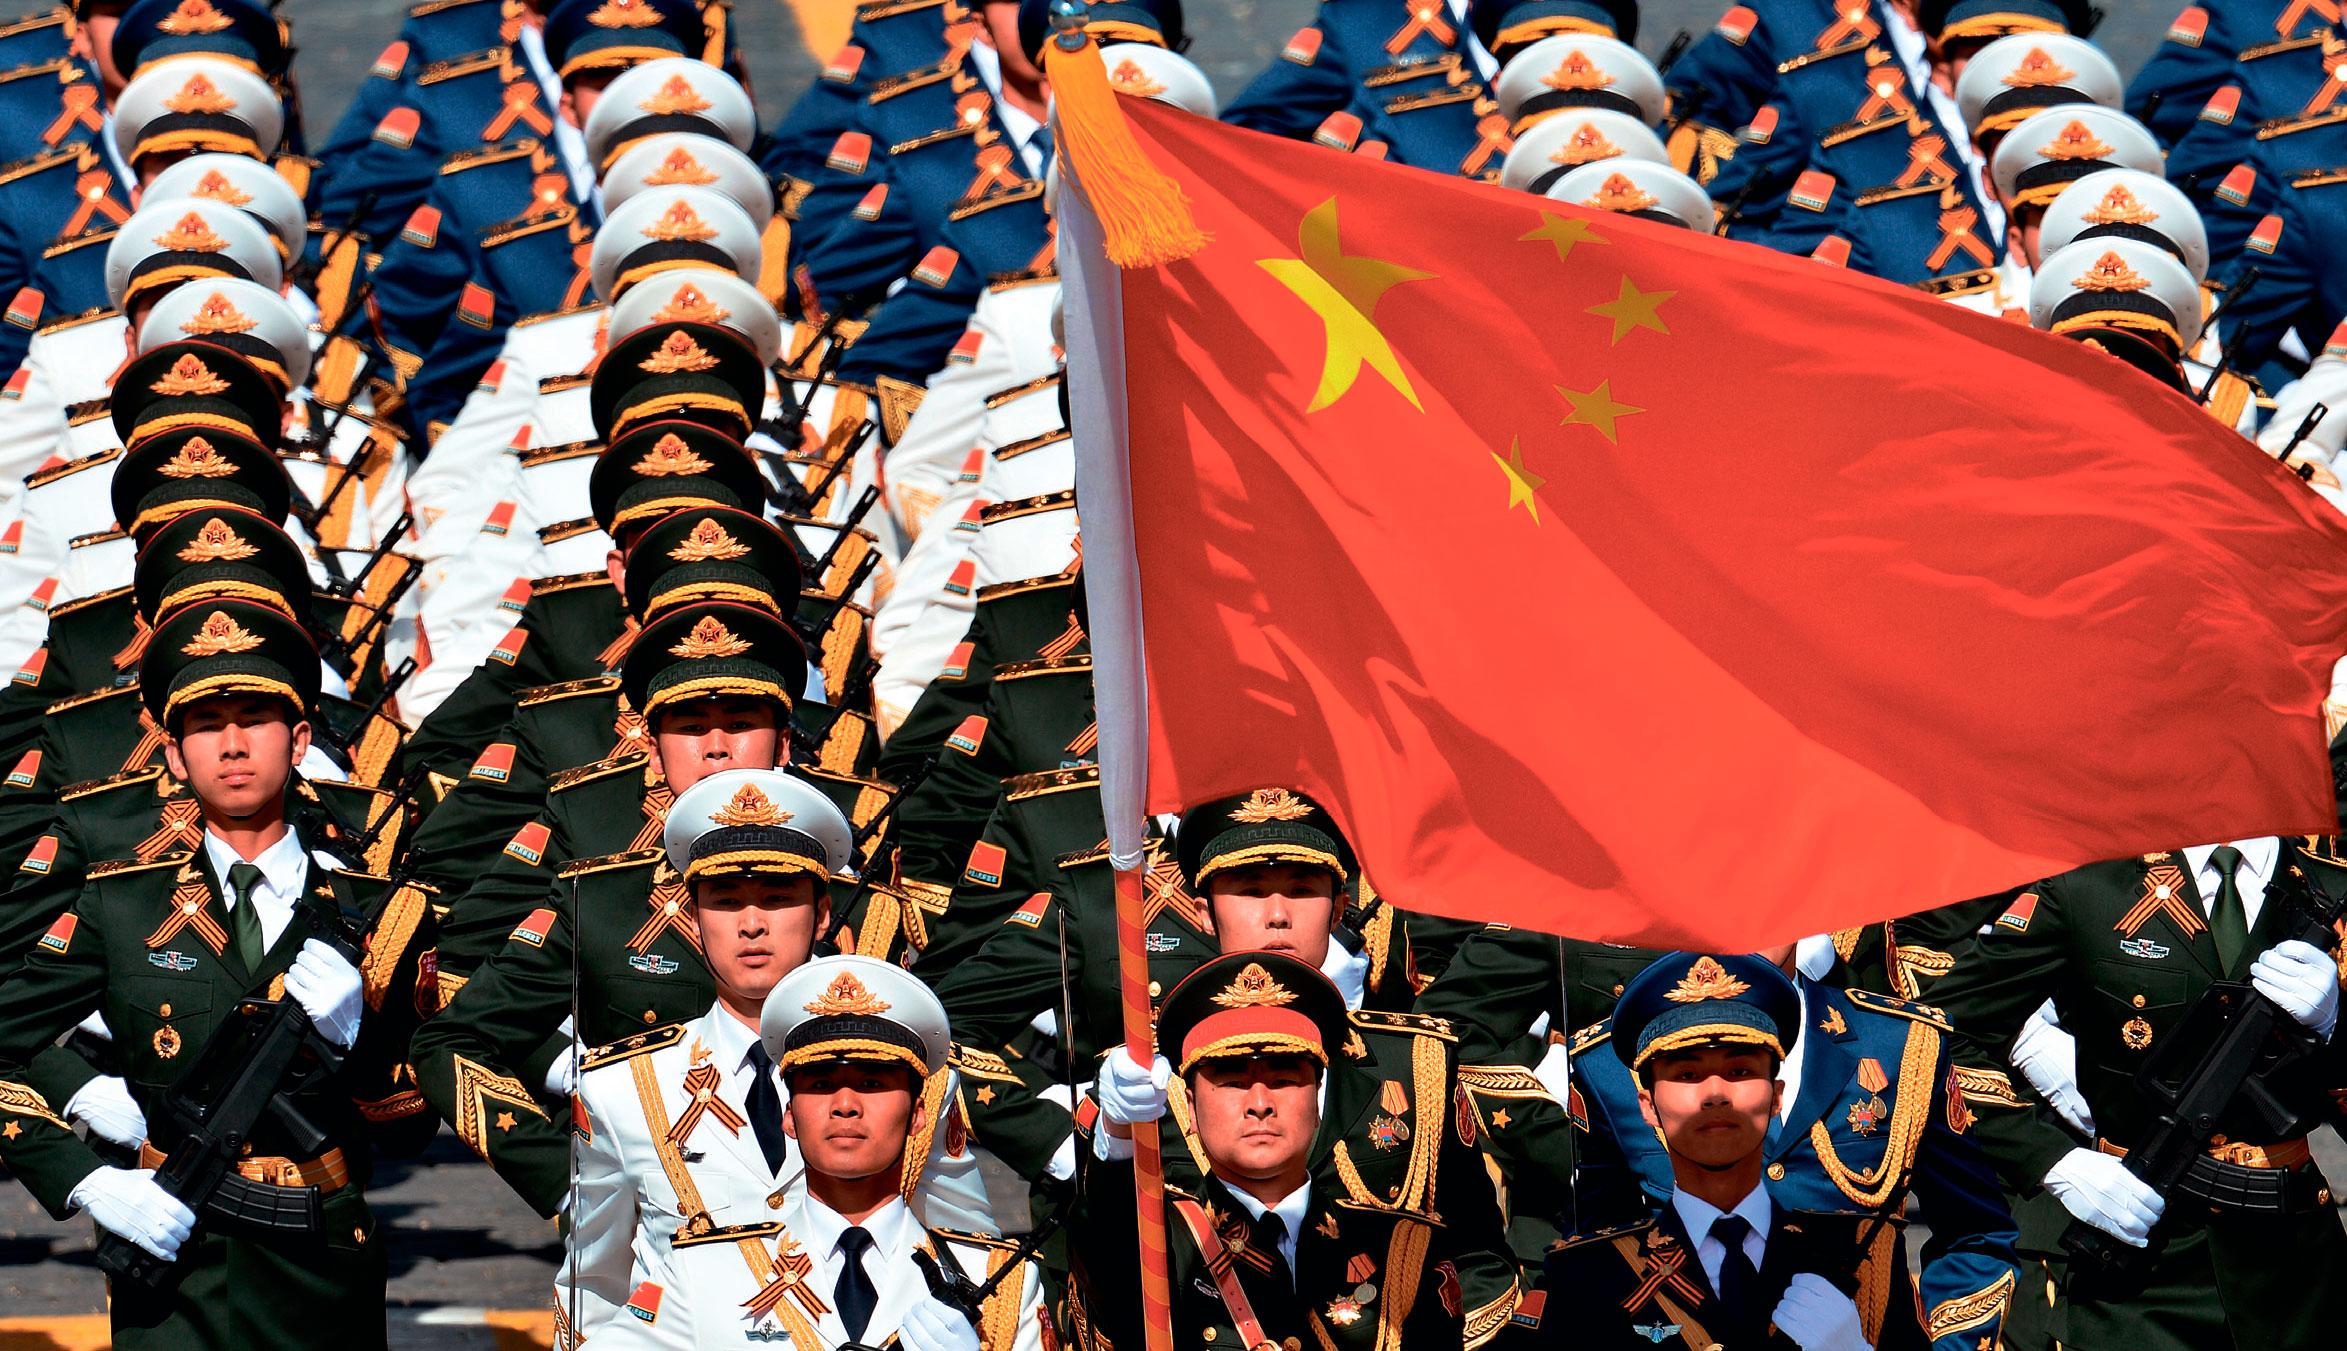 Картинки по запросу Народная армия китая